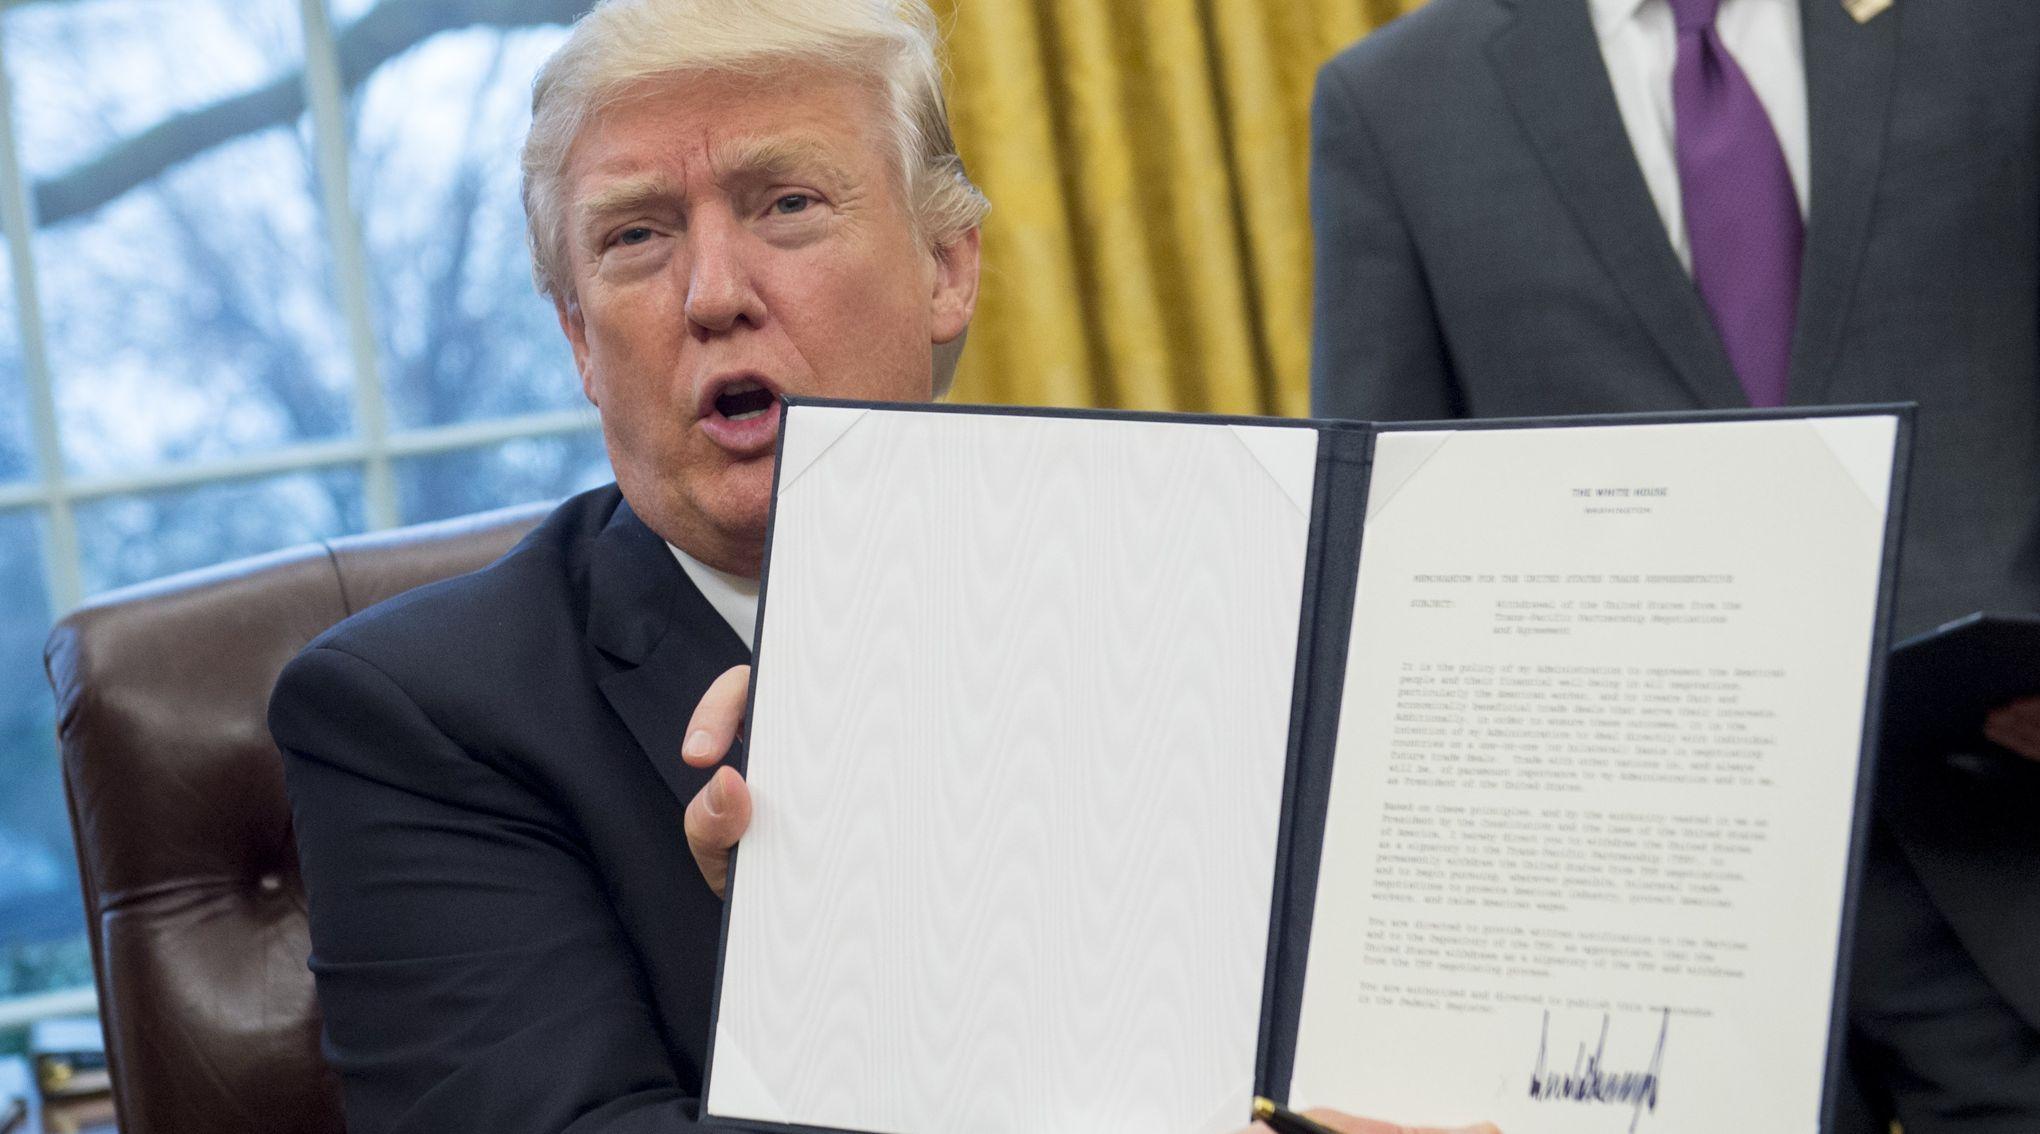 Trump signe l'acte de retrait des États-Unis du traité de libre-échange transpacifique